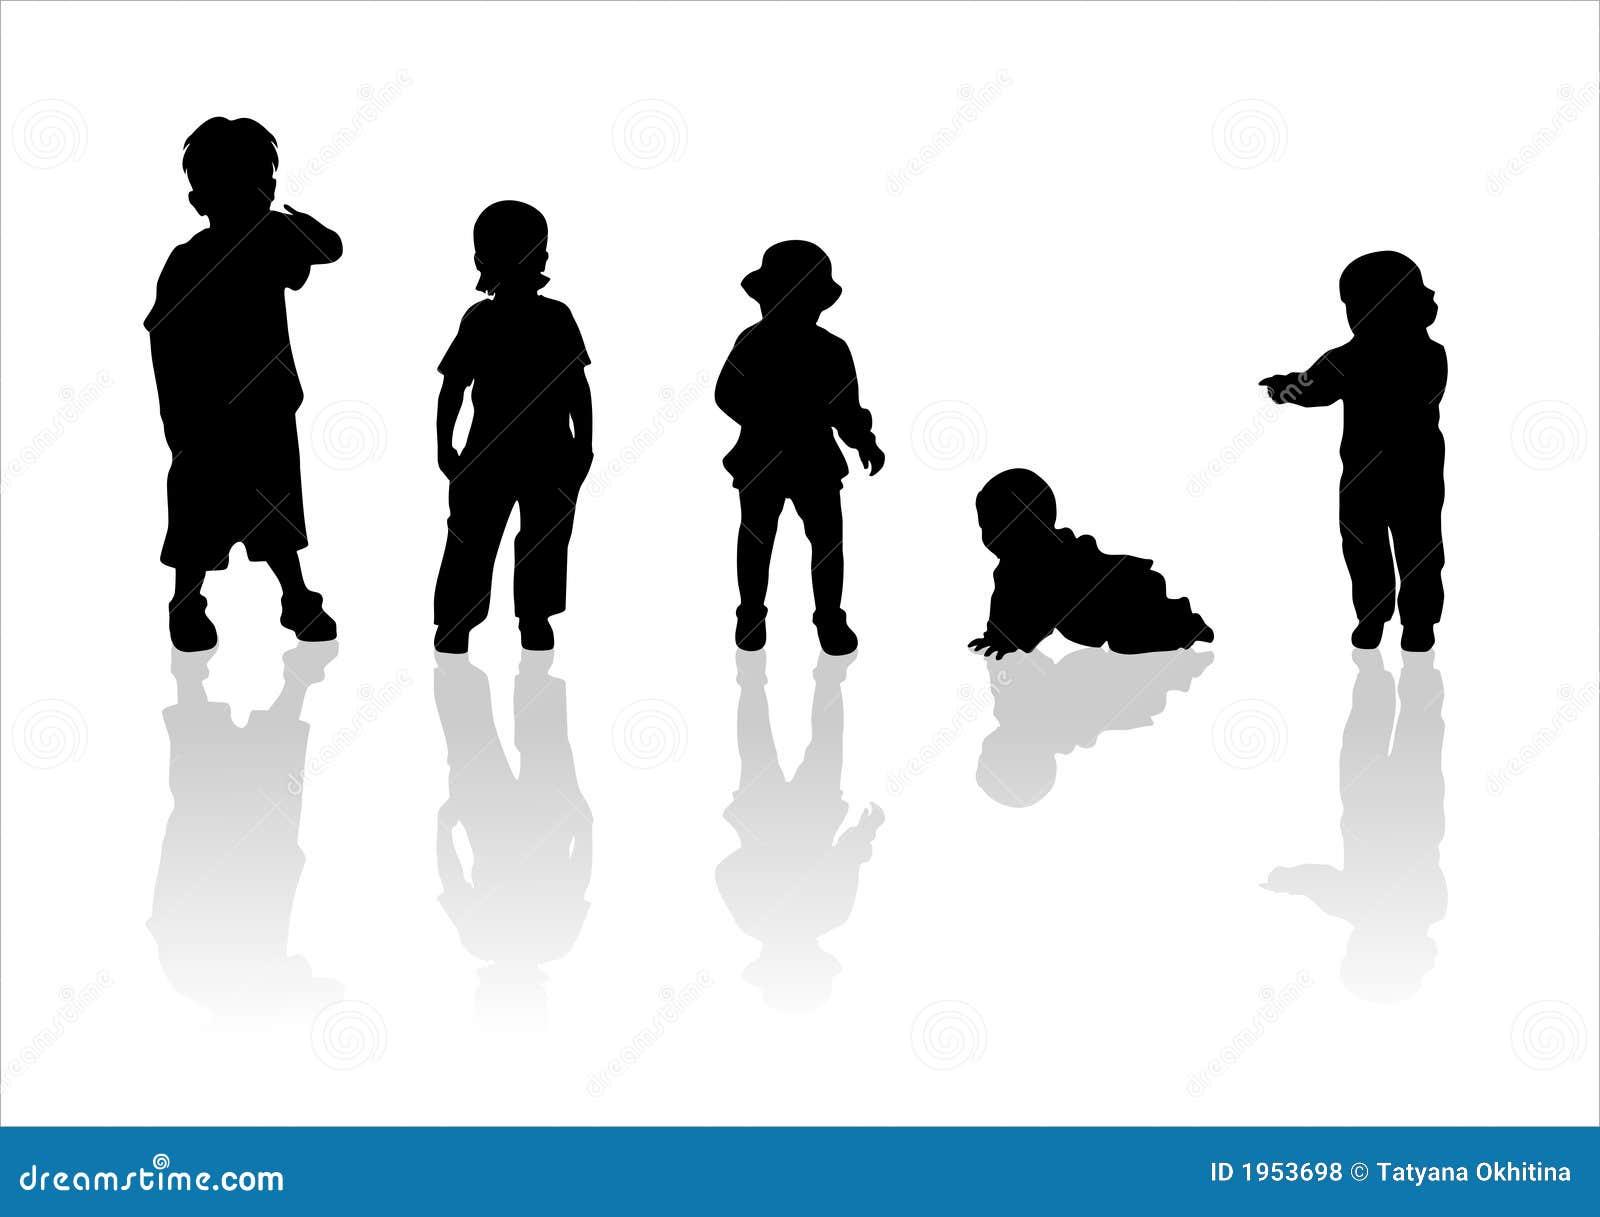 Schattenbilder der kinder 2 lizenzfreie stockfotos - Schattenbilder kinder ...